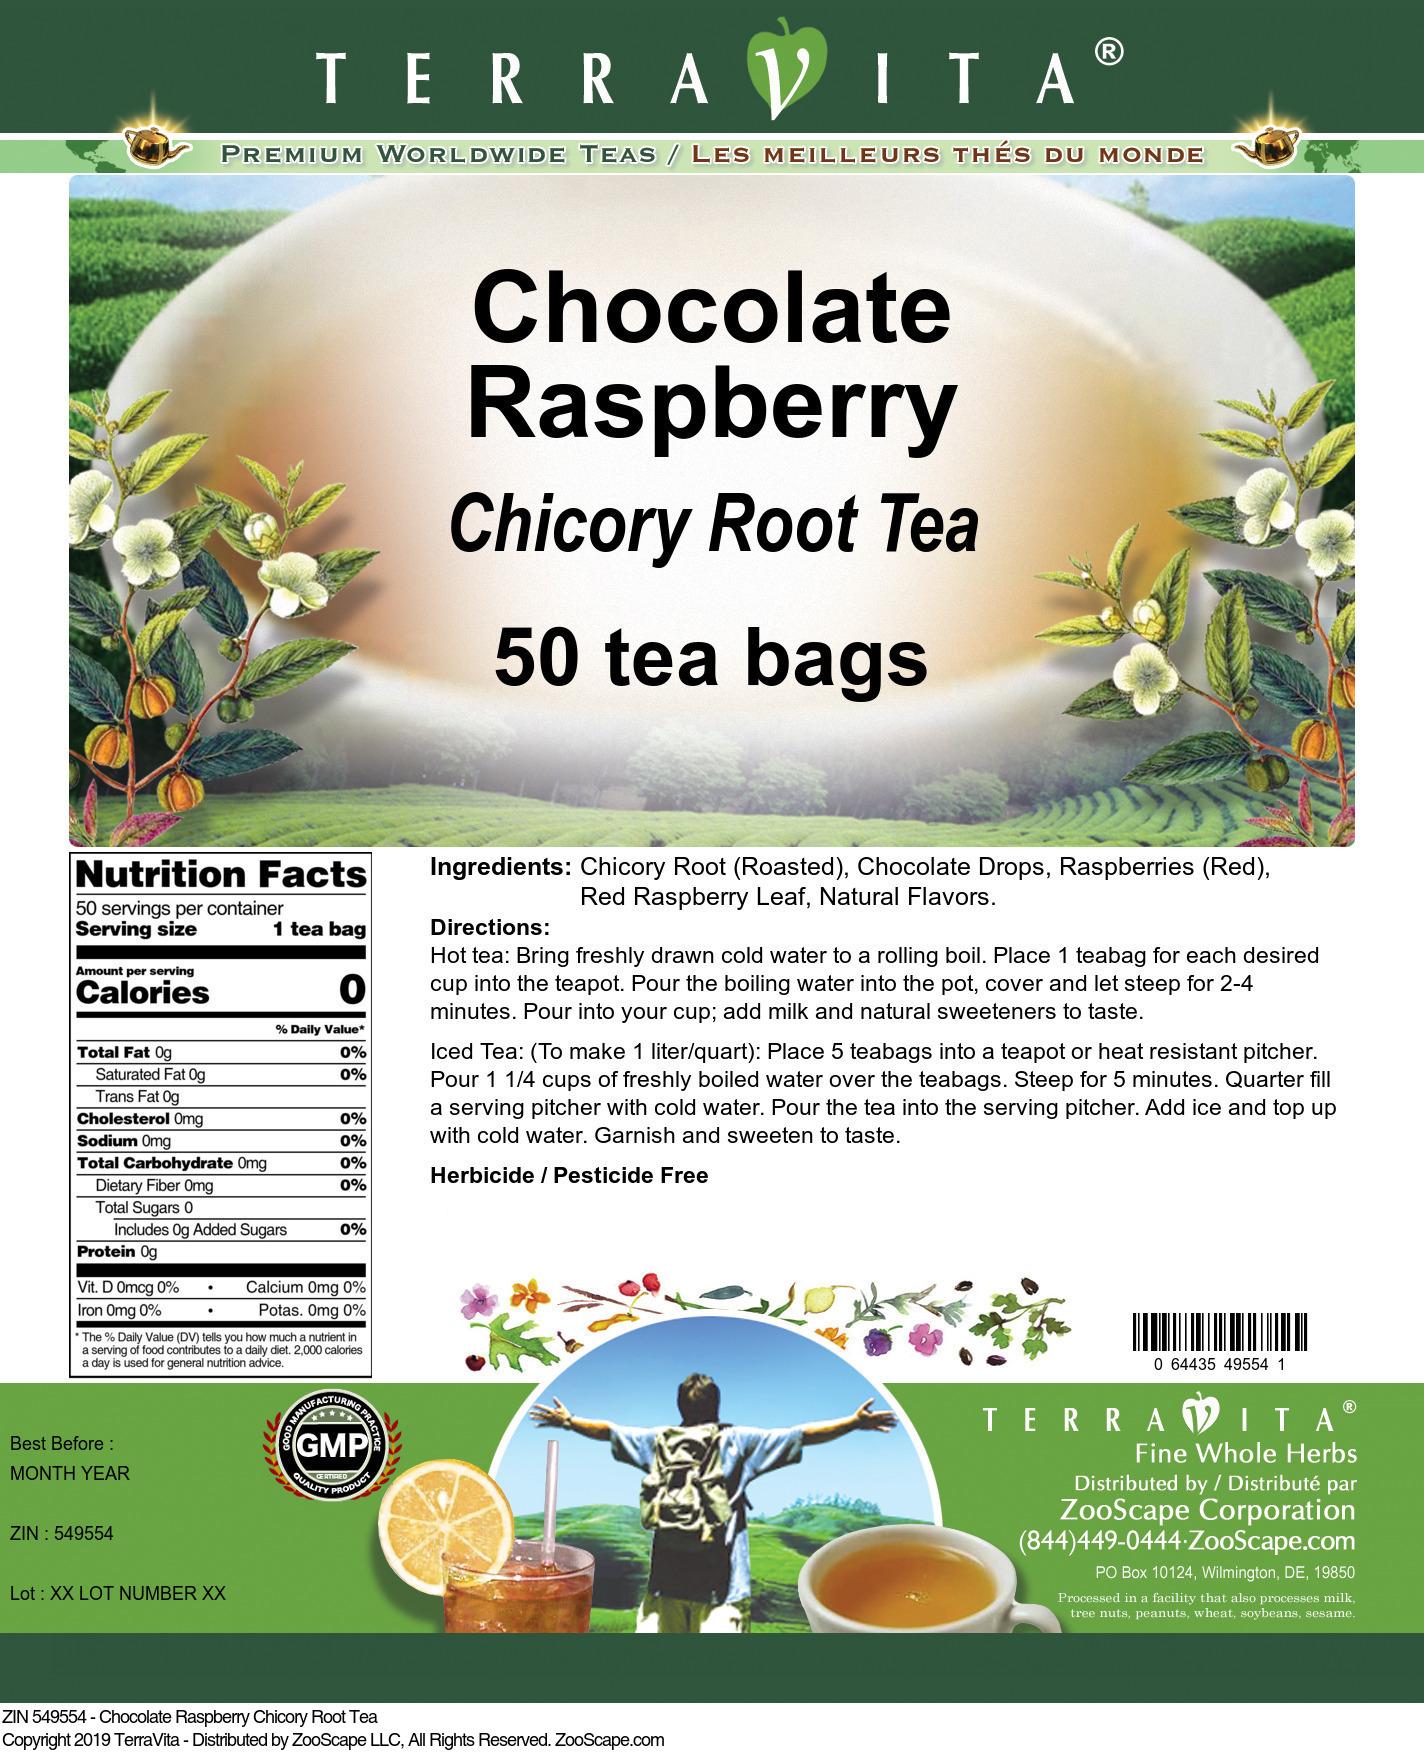 Chocolate Raspberry Chicory Root